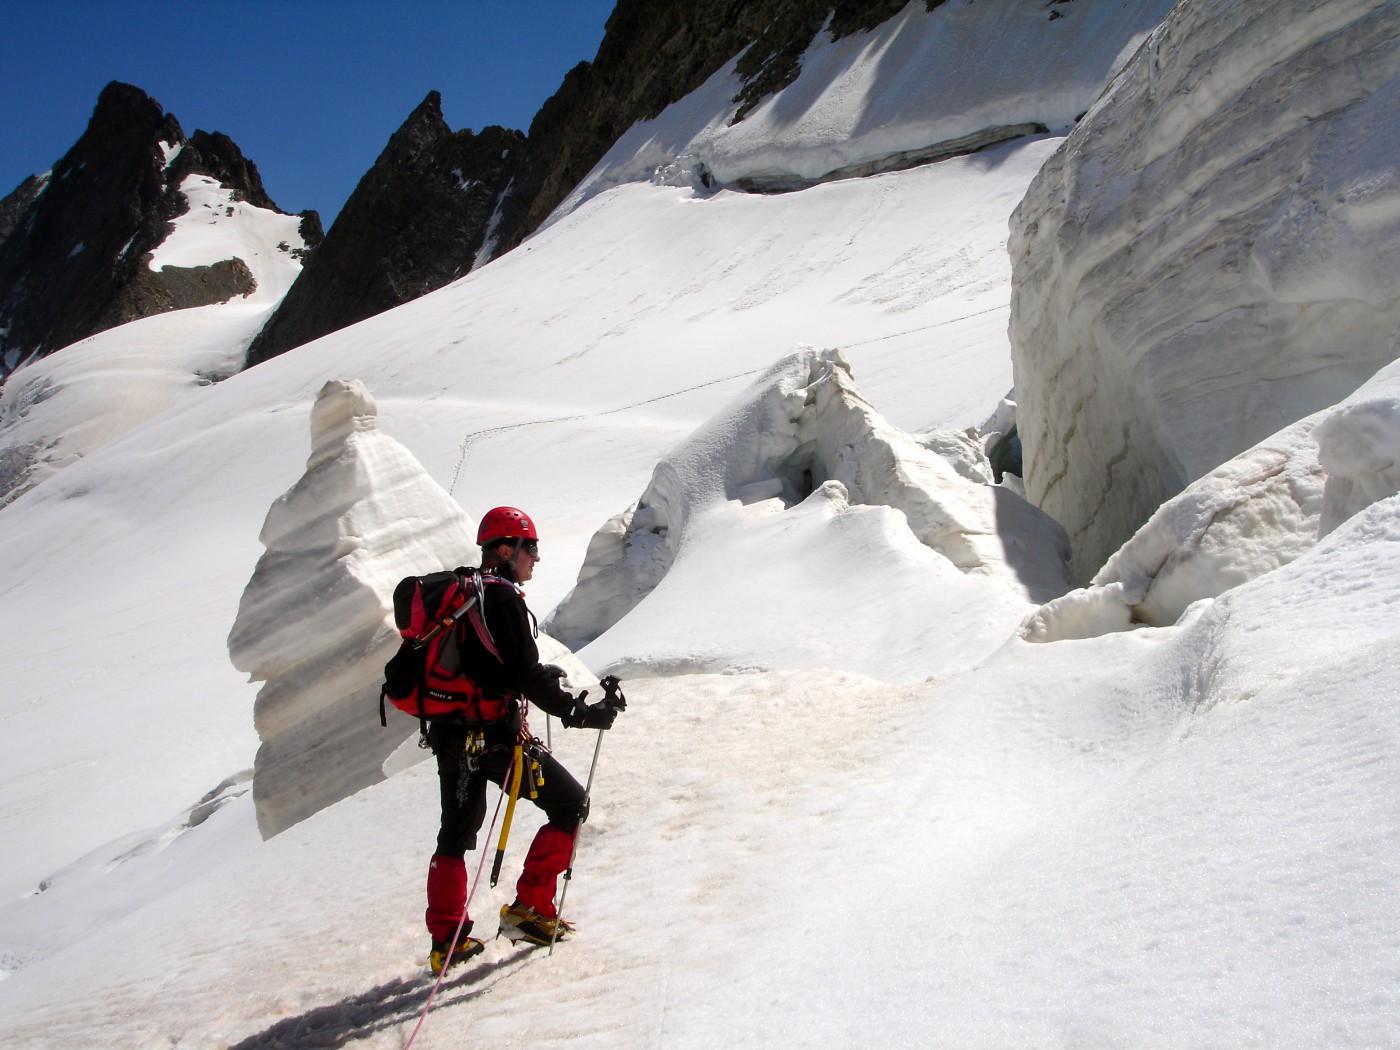 Randonnée glaciaire sur le glacier de la Girose avec les guides de haute montagne de Serre Chevalier. Au fond à gauche le sommet du Râteau Ouest. Massif des Ecrins, Briançonnais, Hautes Alpes.